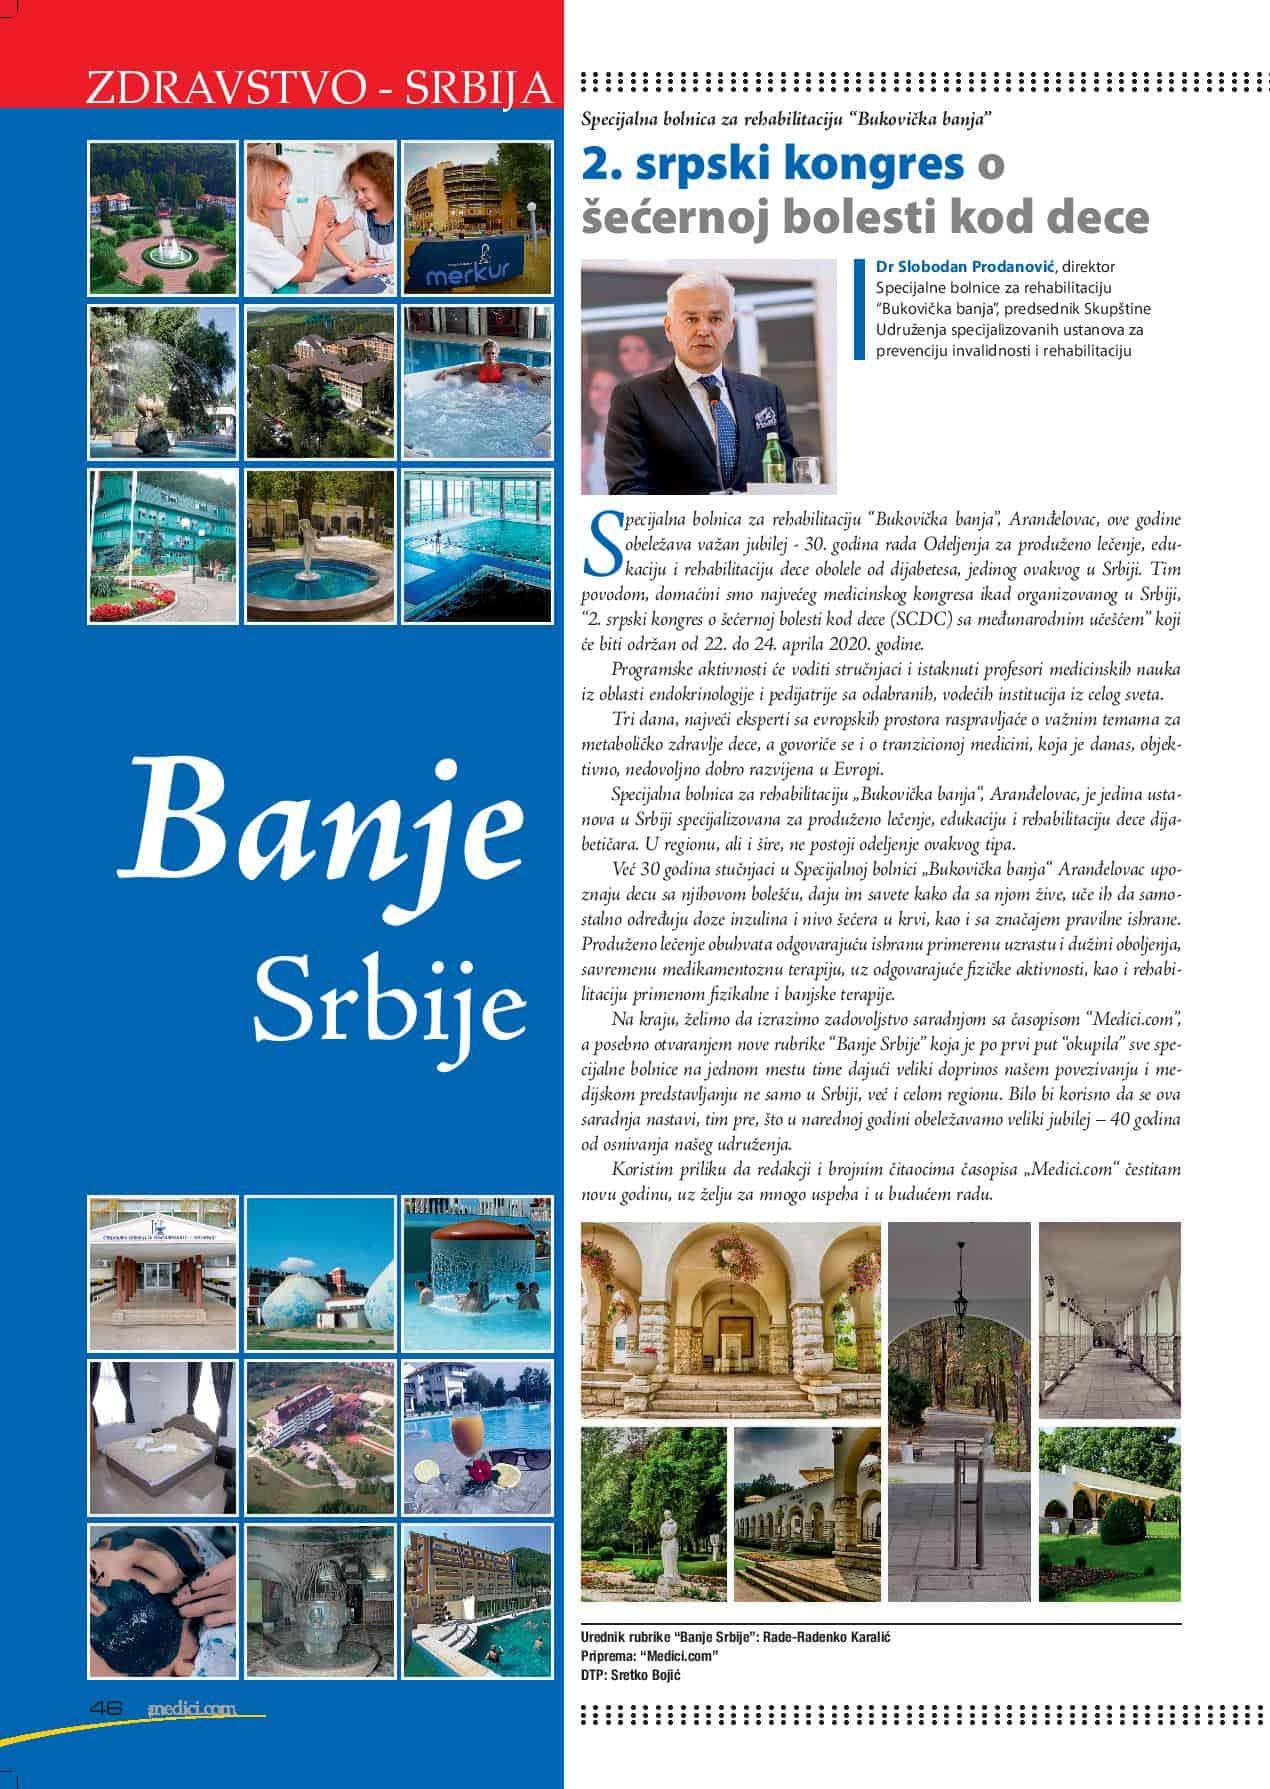 N Naslovna Banje SRBIJE  Medicicom 96 page 001